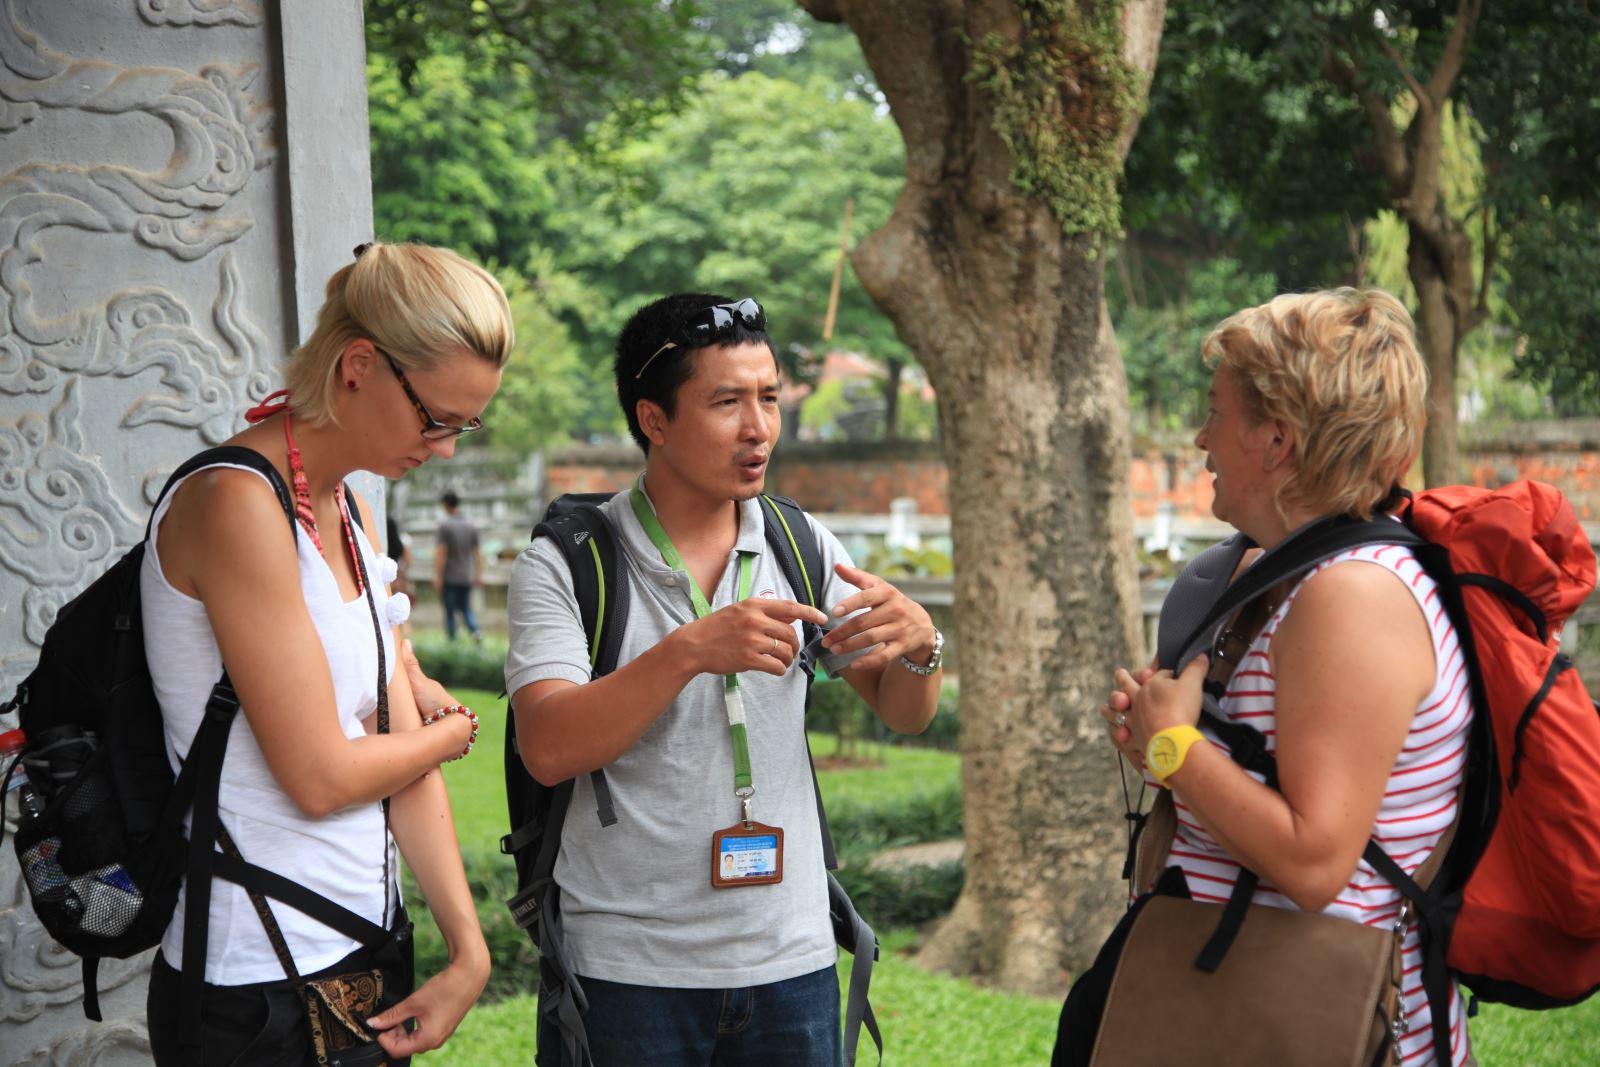 """Trung Quốc là thị trường du lịch """"béo bở"""" cho ngành hướng dẫn"""